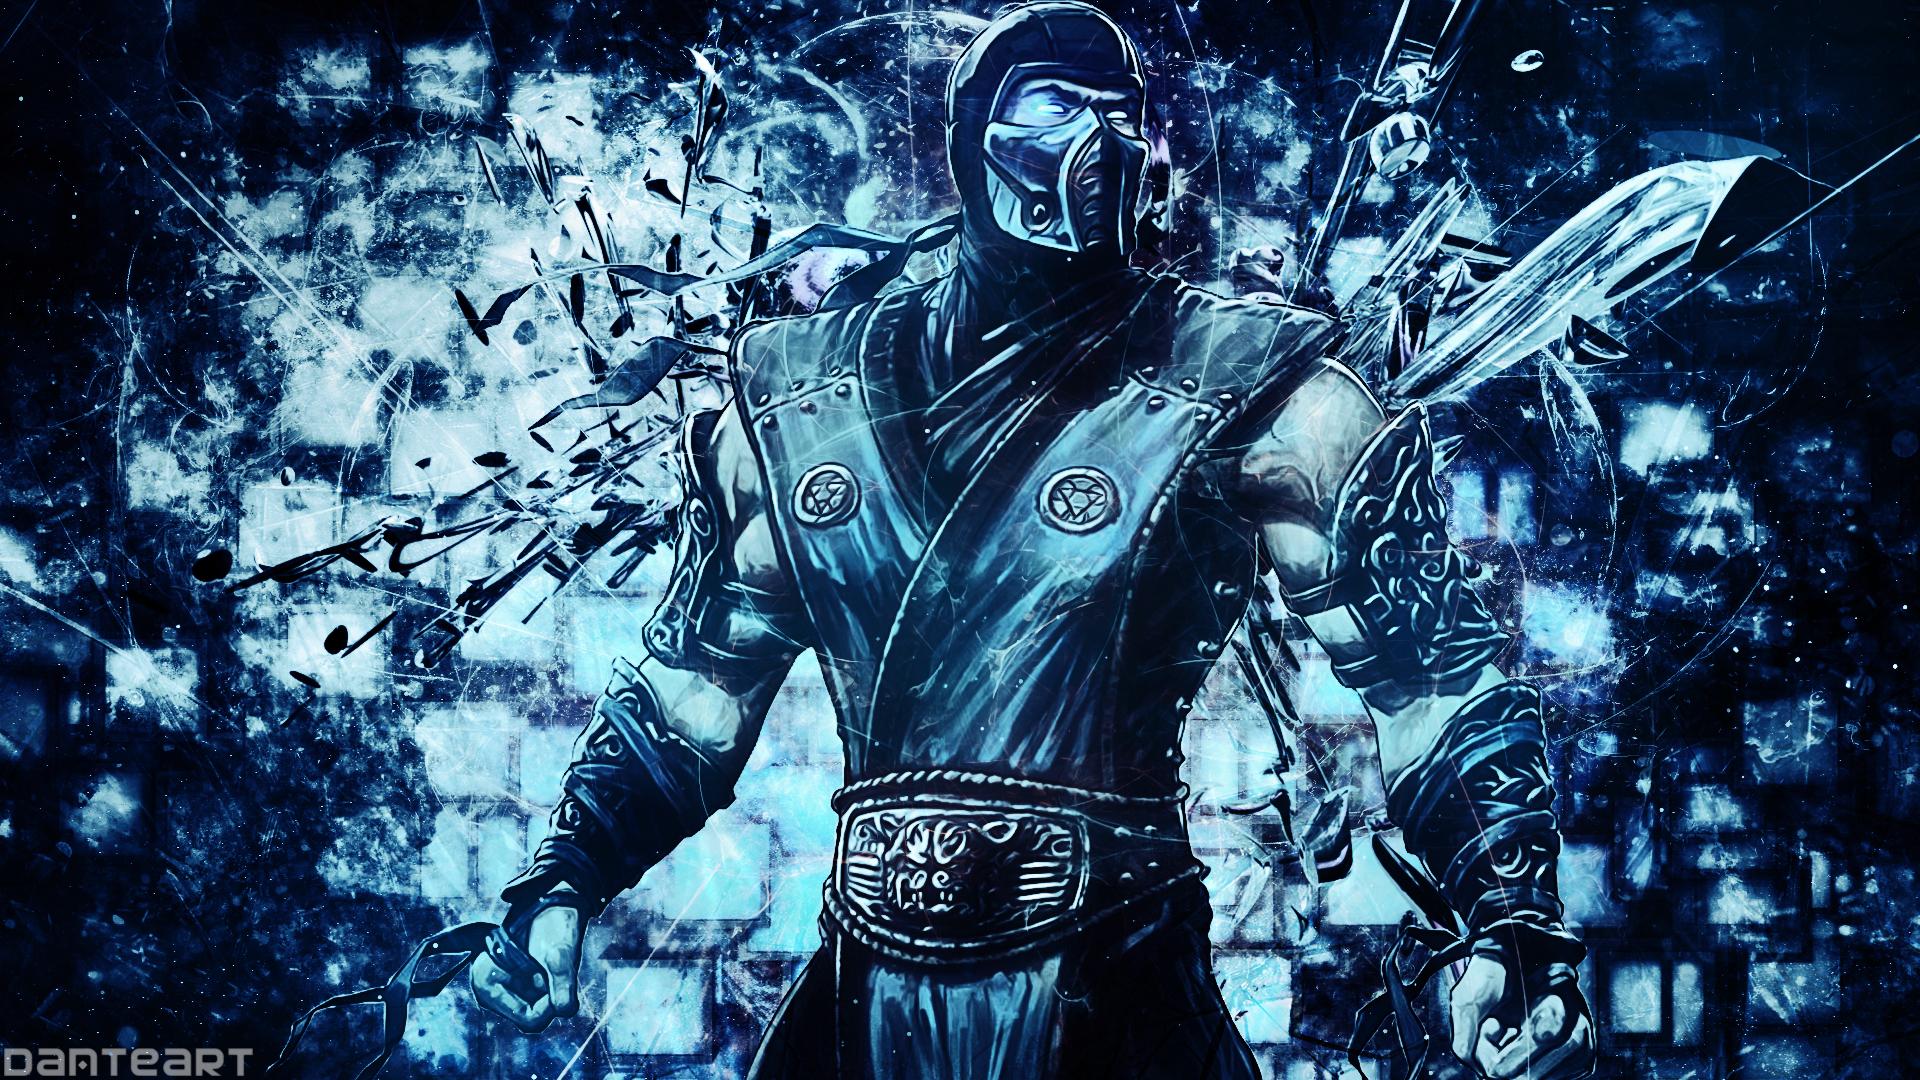 Mortal Kombat Sub Zero Wallpaper By Danteartwallpapers On Deviantart